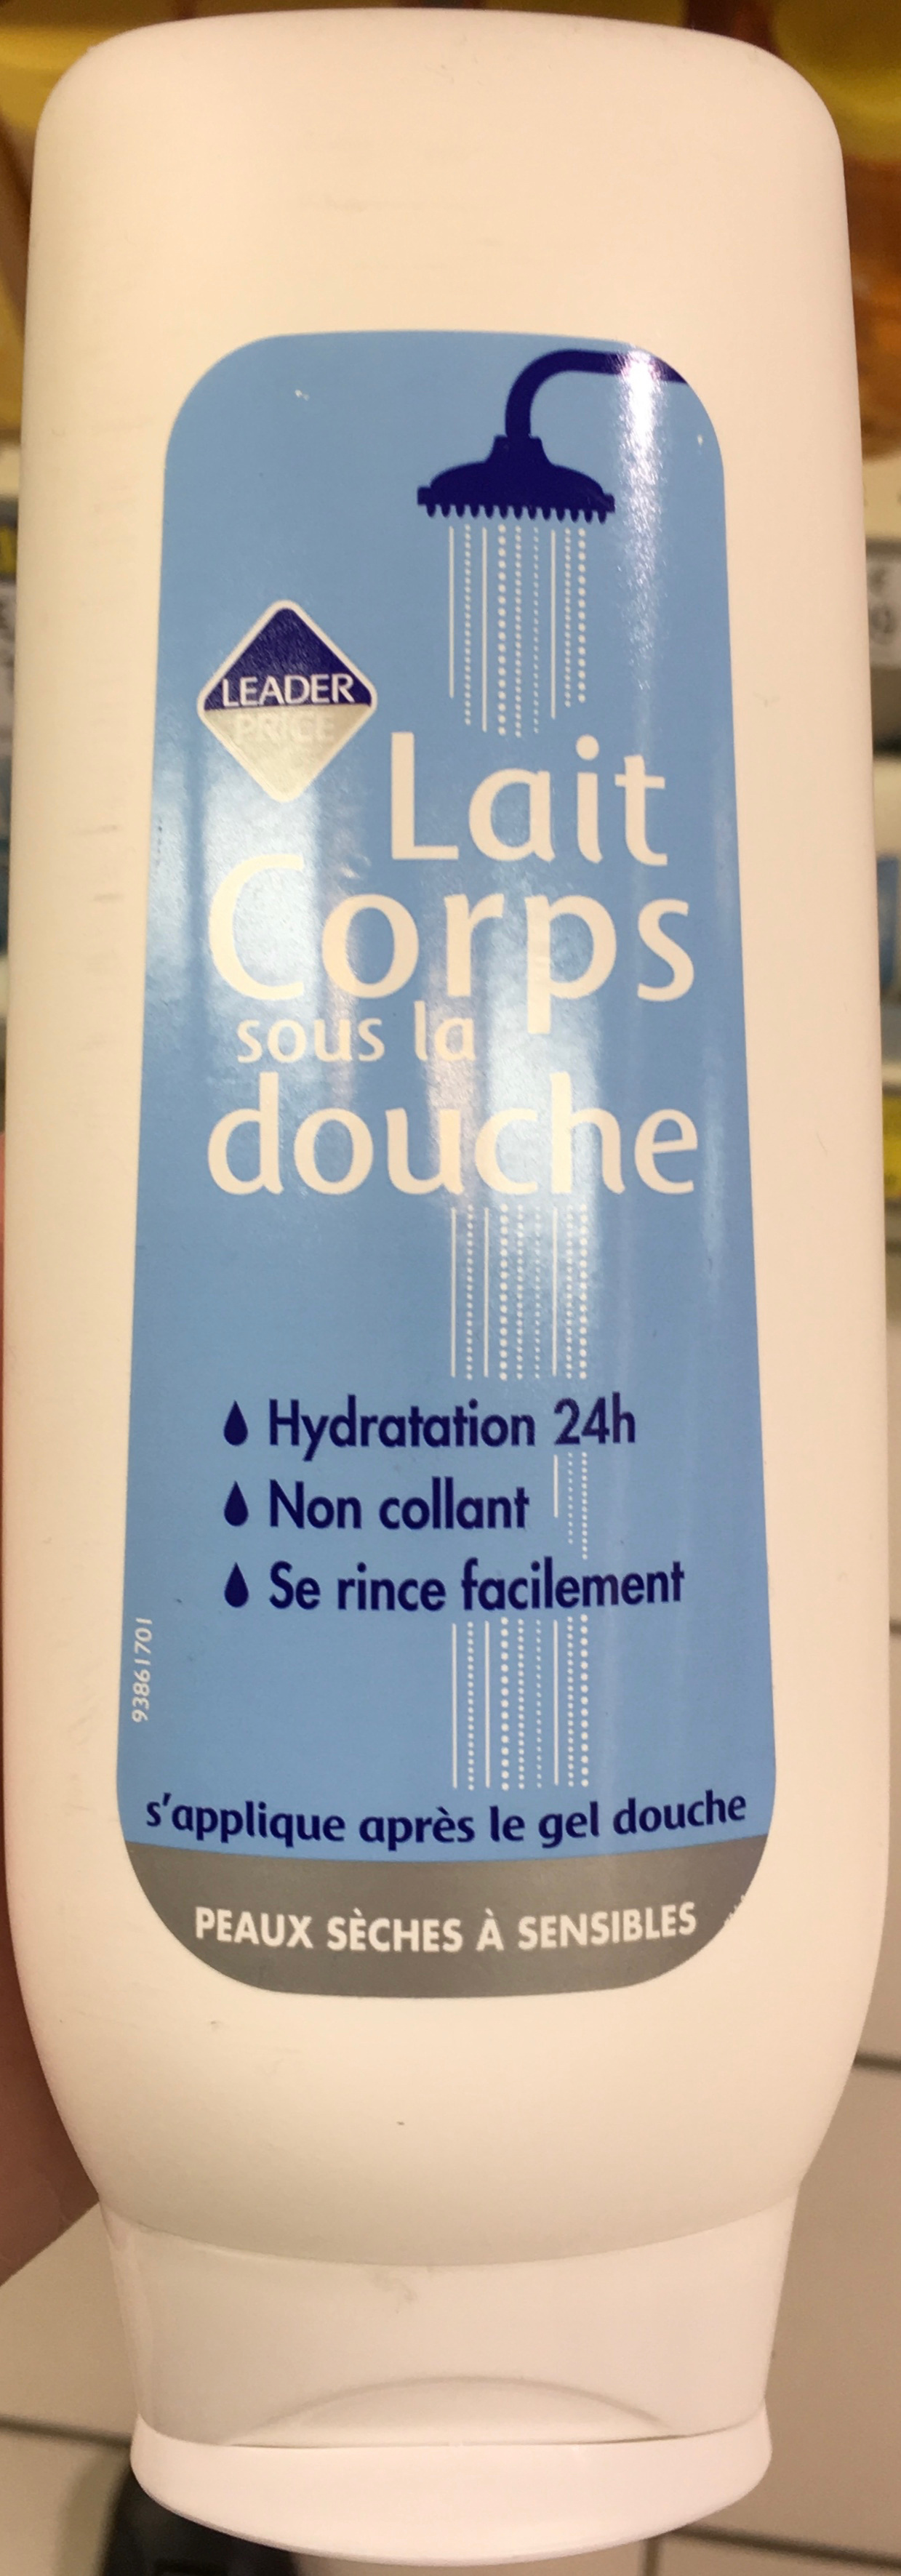 Laits Corps sous la douche - Produit - fr